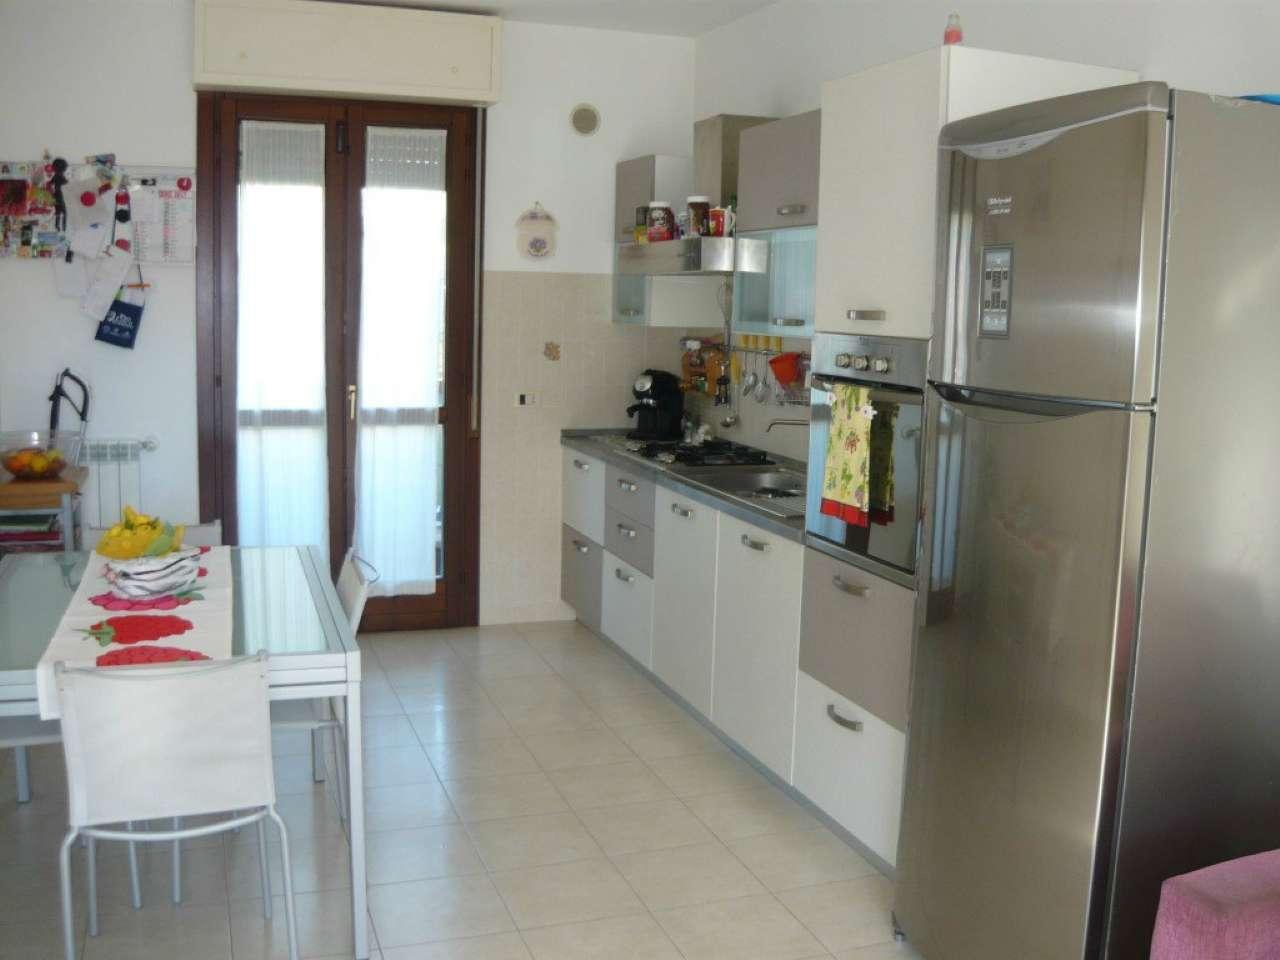 Albinia - Appartamento su 3 livelli con garage, taverna, giardino, 2 camere, 2 bagni